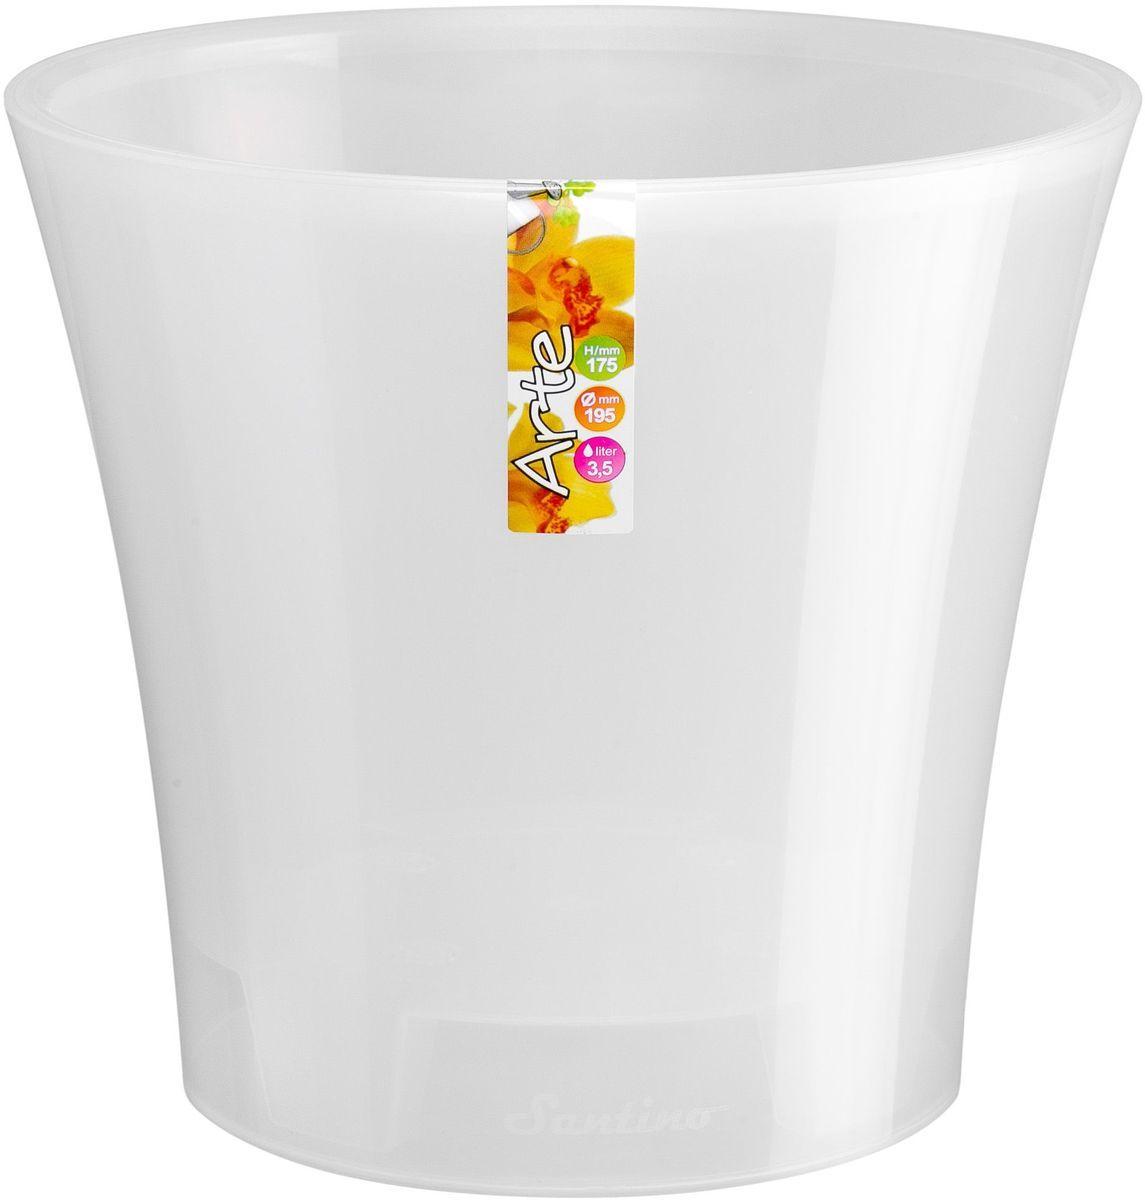 Горшок цветочный Santino Арте, двойной, с системой автополива, цвет: прозрачный, 1,2 лАРТ 1,2 П-ПГоршок цветочный Santino Арте снабжен дренажной системой и состоит из кашпо и вазона-вкладыша. Изготовлен из пластика. Особенность: тарелочка или блюдце не нужны. Горшок предназначен для любых растений или цветов. Цветочный дренаж – это система, которая позволяет выводить лишнюю влагу через корневую систему цветка и слой почвы. Растение – это живой организм, следовательно, ему необходимо дышать. В доступе к кислороду нуждаются все части растения: -листья; -корневая система. Если цветовод по какой-либо причине зальет цветок водой, то она буквально вытеснит из почвенного слоя все пузырьки кислорода. Анаэробная среда способствует развитию различного рода бактерий. Безвоздушная среда приводит к загниванию корневой системы, цветок в результате увядает. Суть работы дренажной системы заключается в том, чтобы осуществлять отвод лишней влаги от растения и давать возможность корневой системе дышать без проблем. Следовательно, каждому цветку необходимо: -иметь в основании цветочного горшочка хотя бы одно небольшое дренажное отверстие. Оно необходимо для того, чтобы через него выходила лишняя вода, плюс ко всему это отверстие дает возможность циркулировать воздух. -на самом дне горшка необходимо выложить слоем в 2-5 см (зависит от вида растения) дренаж.УВАЖАЕМЫЕ КЛИЕНТЫ!Обращаем ваше внимание на тот факт, что фото изделия служит для визуального восприятия товара. Литраж и размеры, представленные на этикетке товара, могут по факту отличаться от реальных. Корректные данные в поле Размеры.